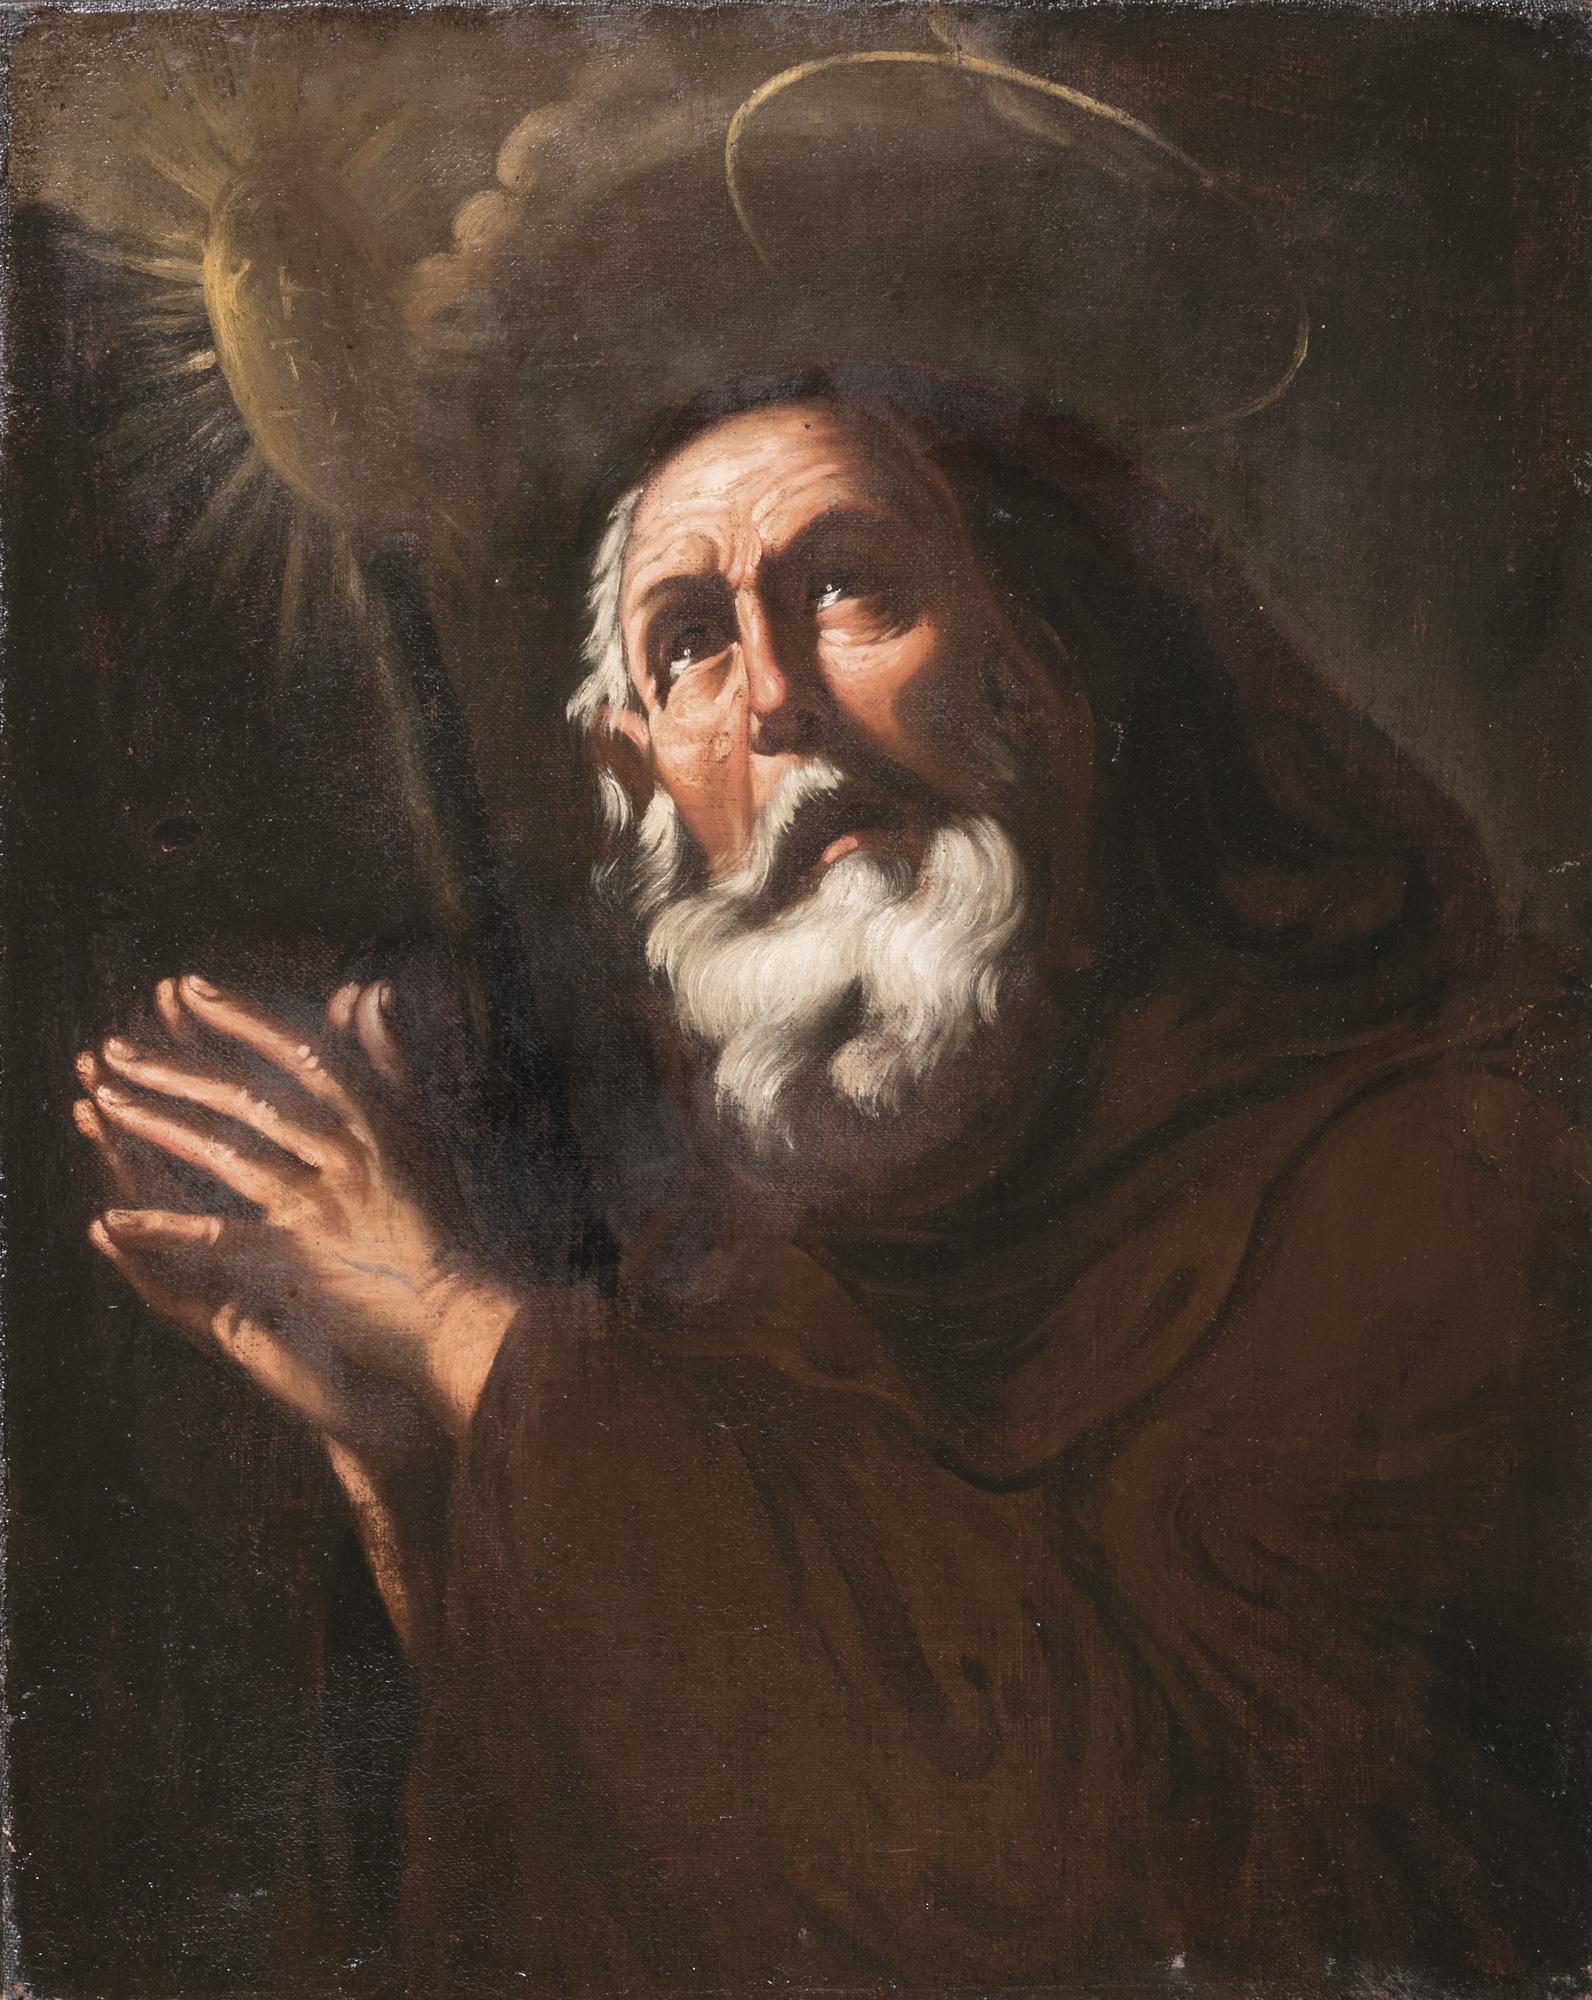 San francesco di paola dipinti antichi e arte del xix for Piani di fattoria del 19 secolo